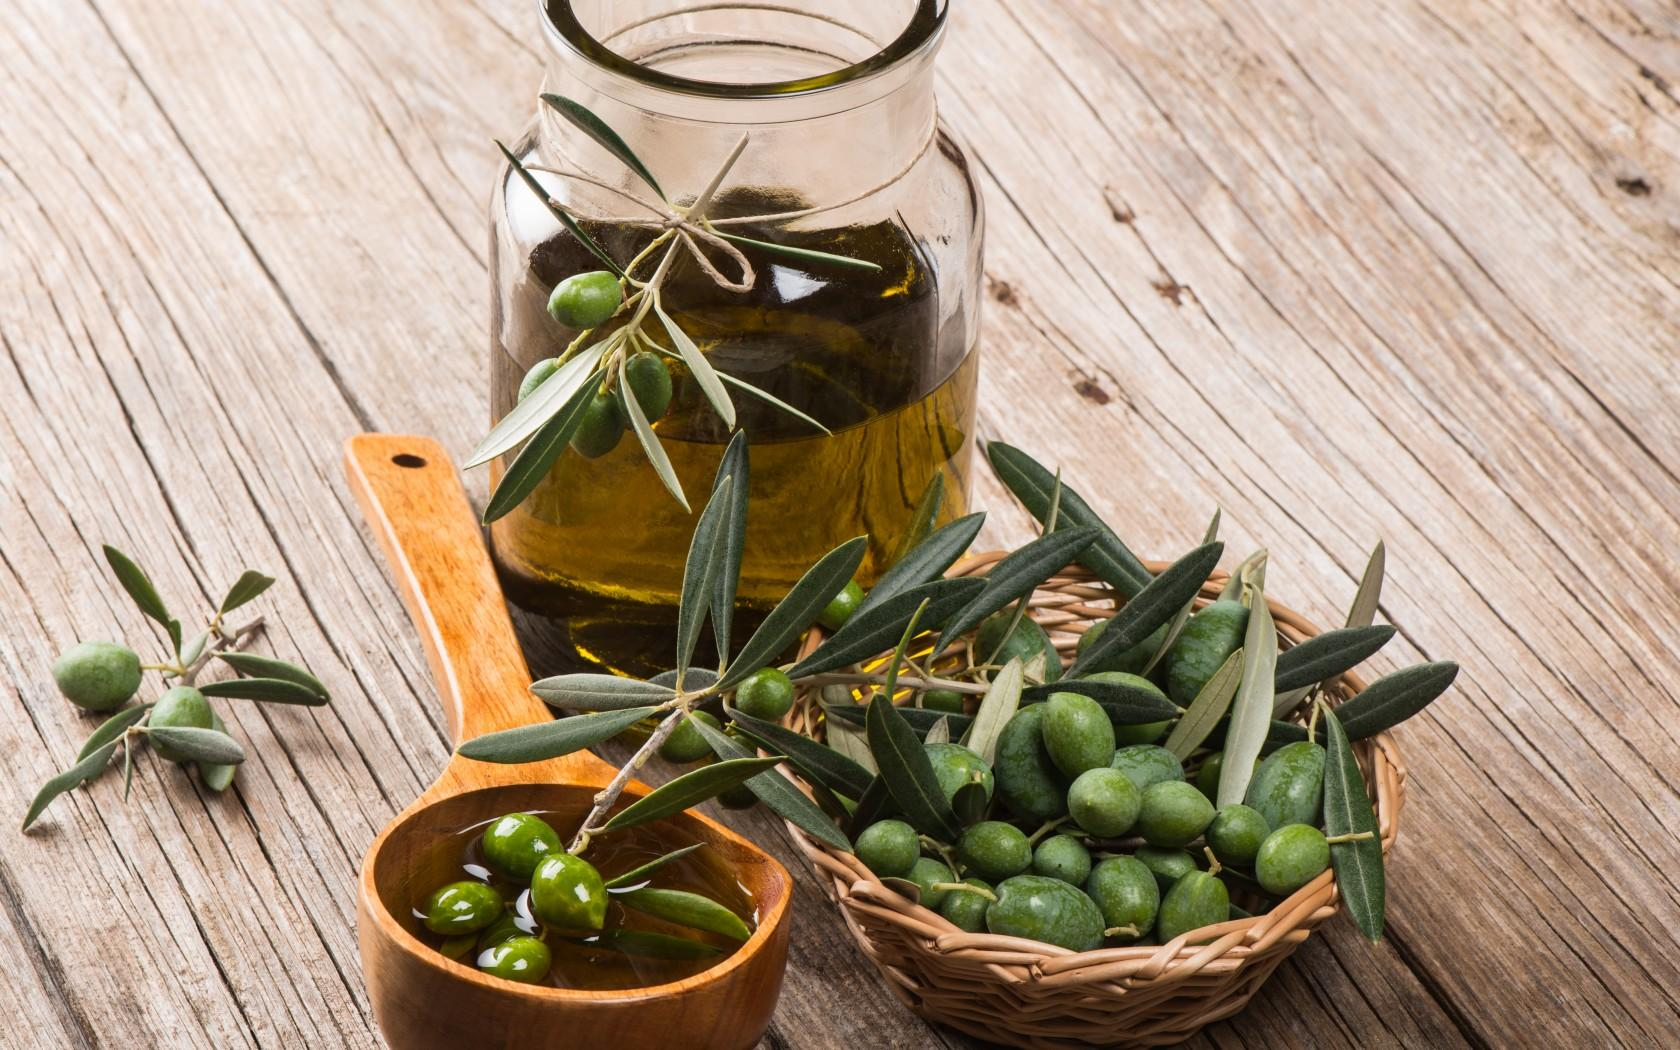 еда оливки масло  № 2107888 без смс